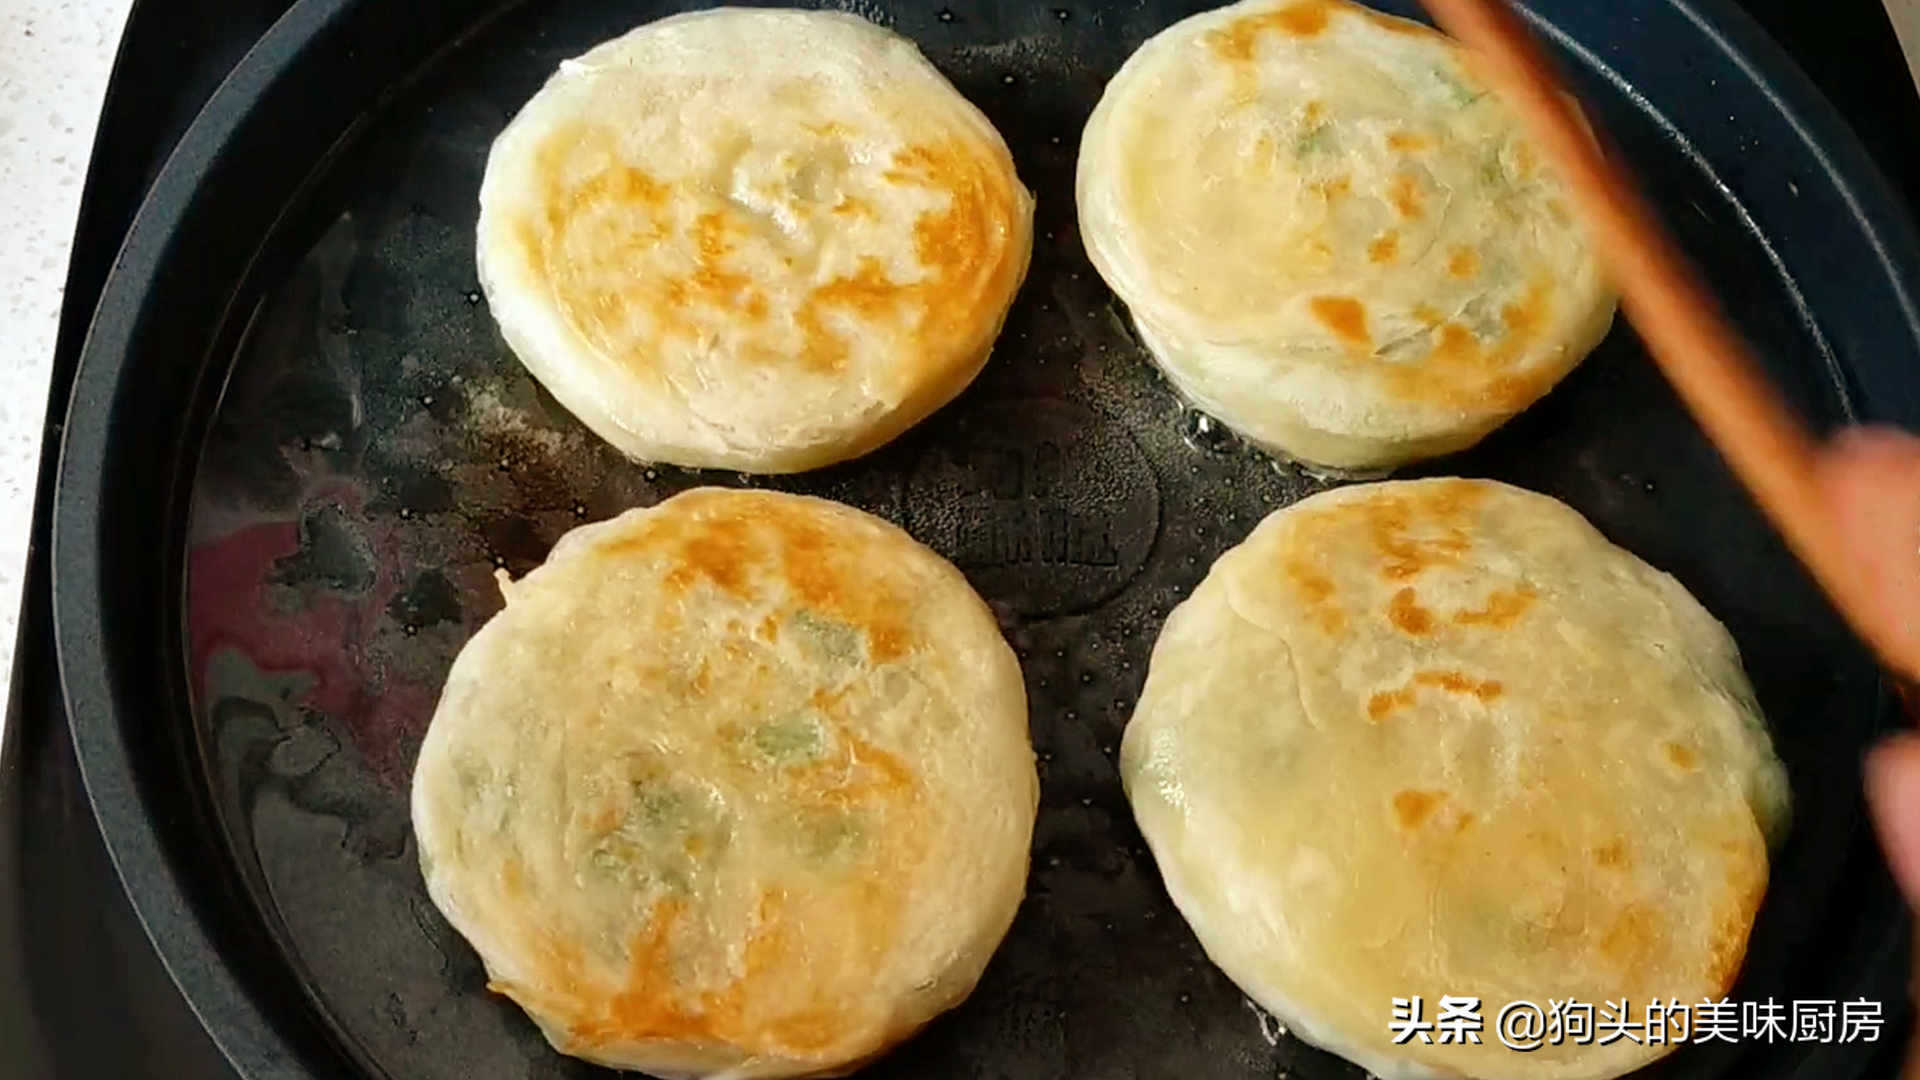 蔥油餅這樣做才外酥裡軟,和麵很關鍵,做對了比手抓餅還好吃